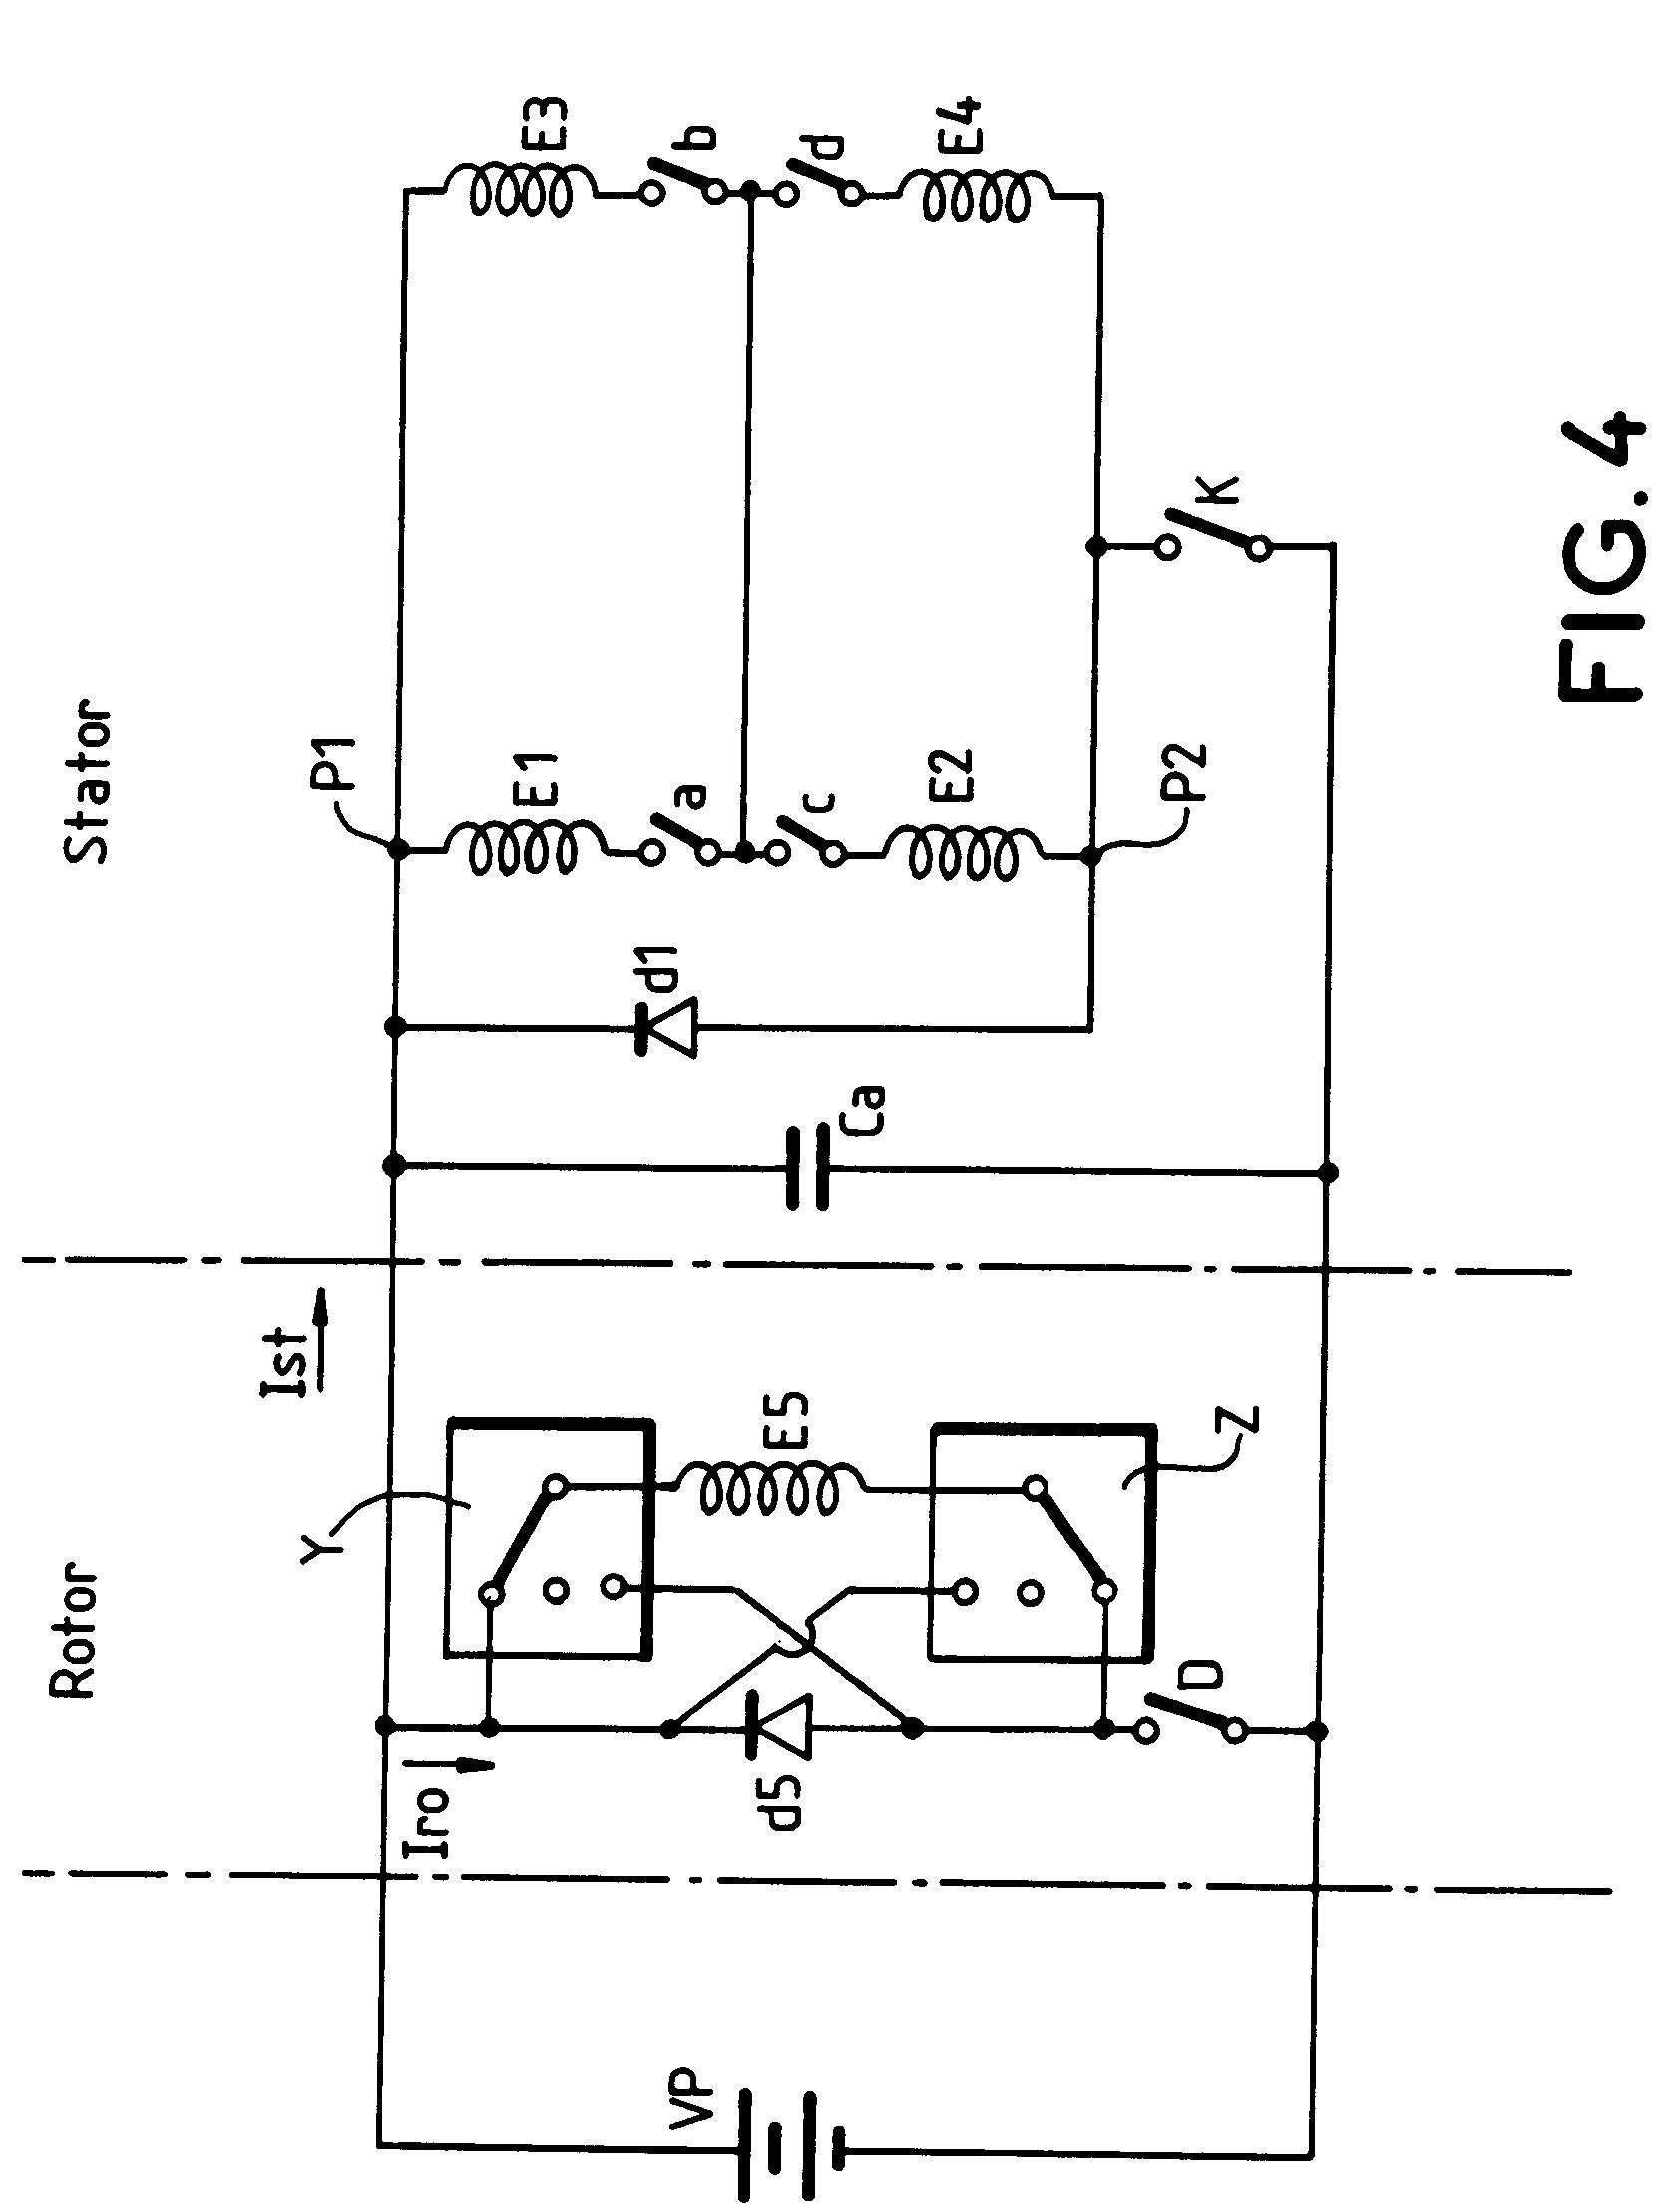 patent ep0576307a1 moteur auto synchrone et cha ne de traction lectrique utilisant un moteur. Black Bedroom Furniture Sets. Home Design Ideas